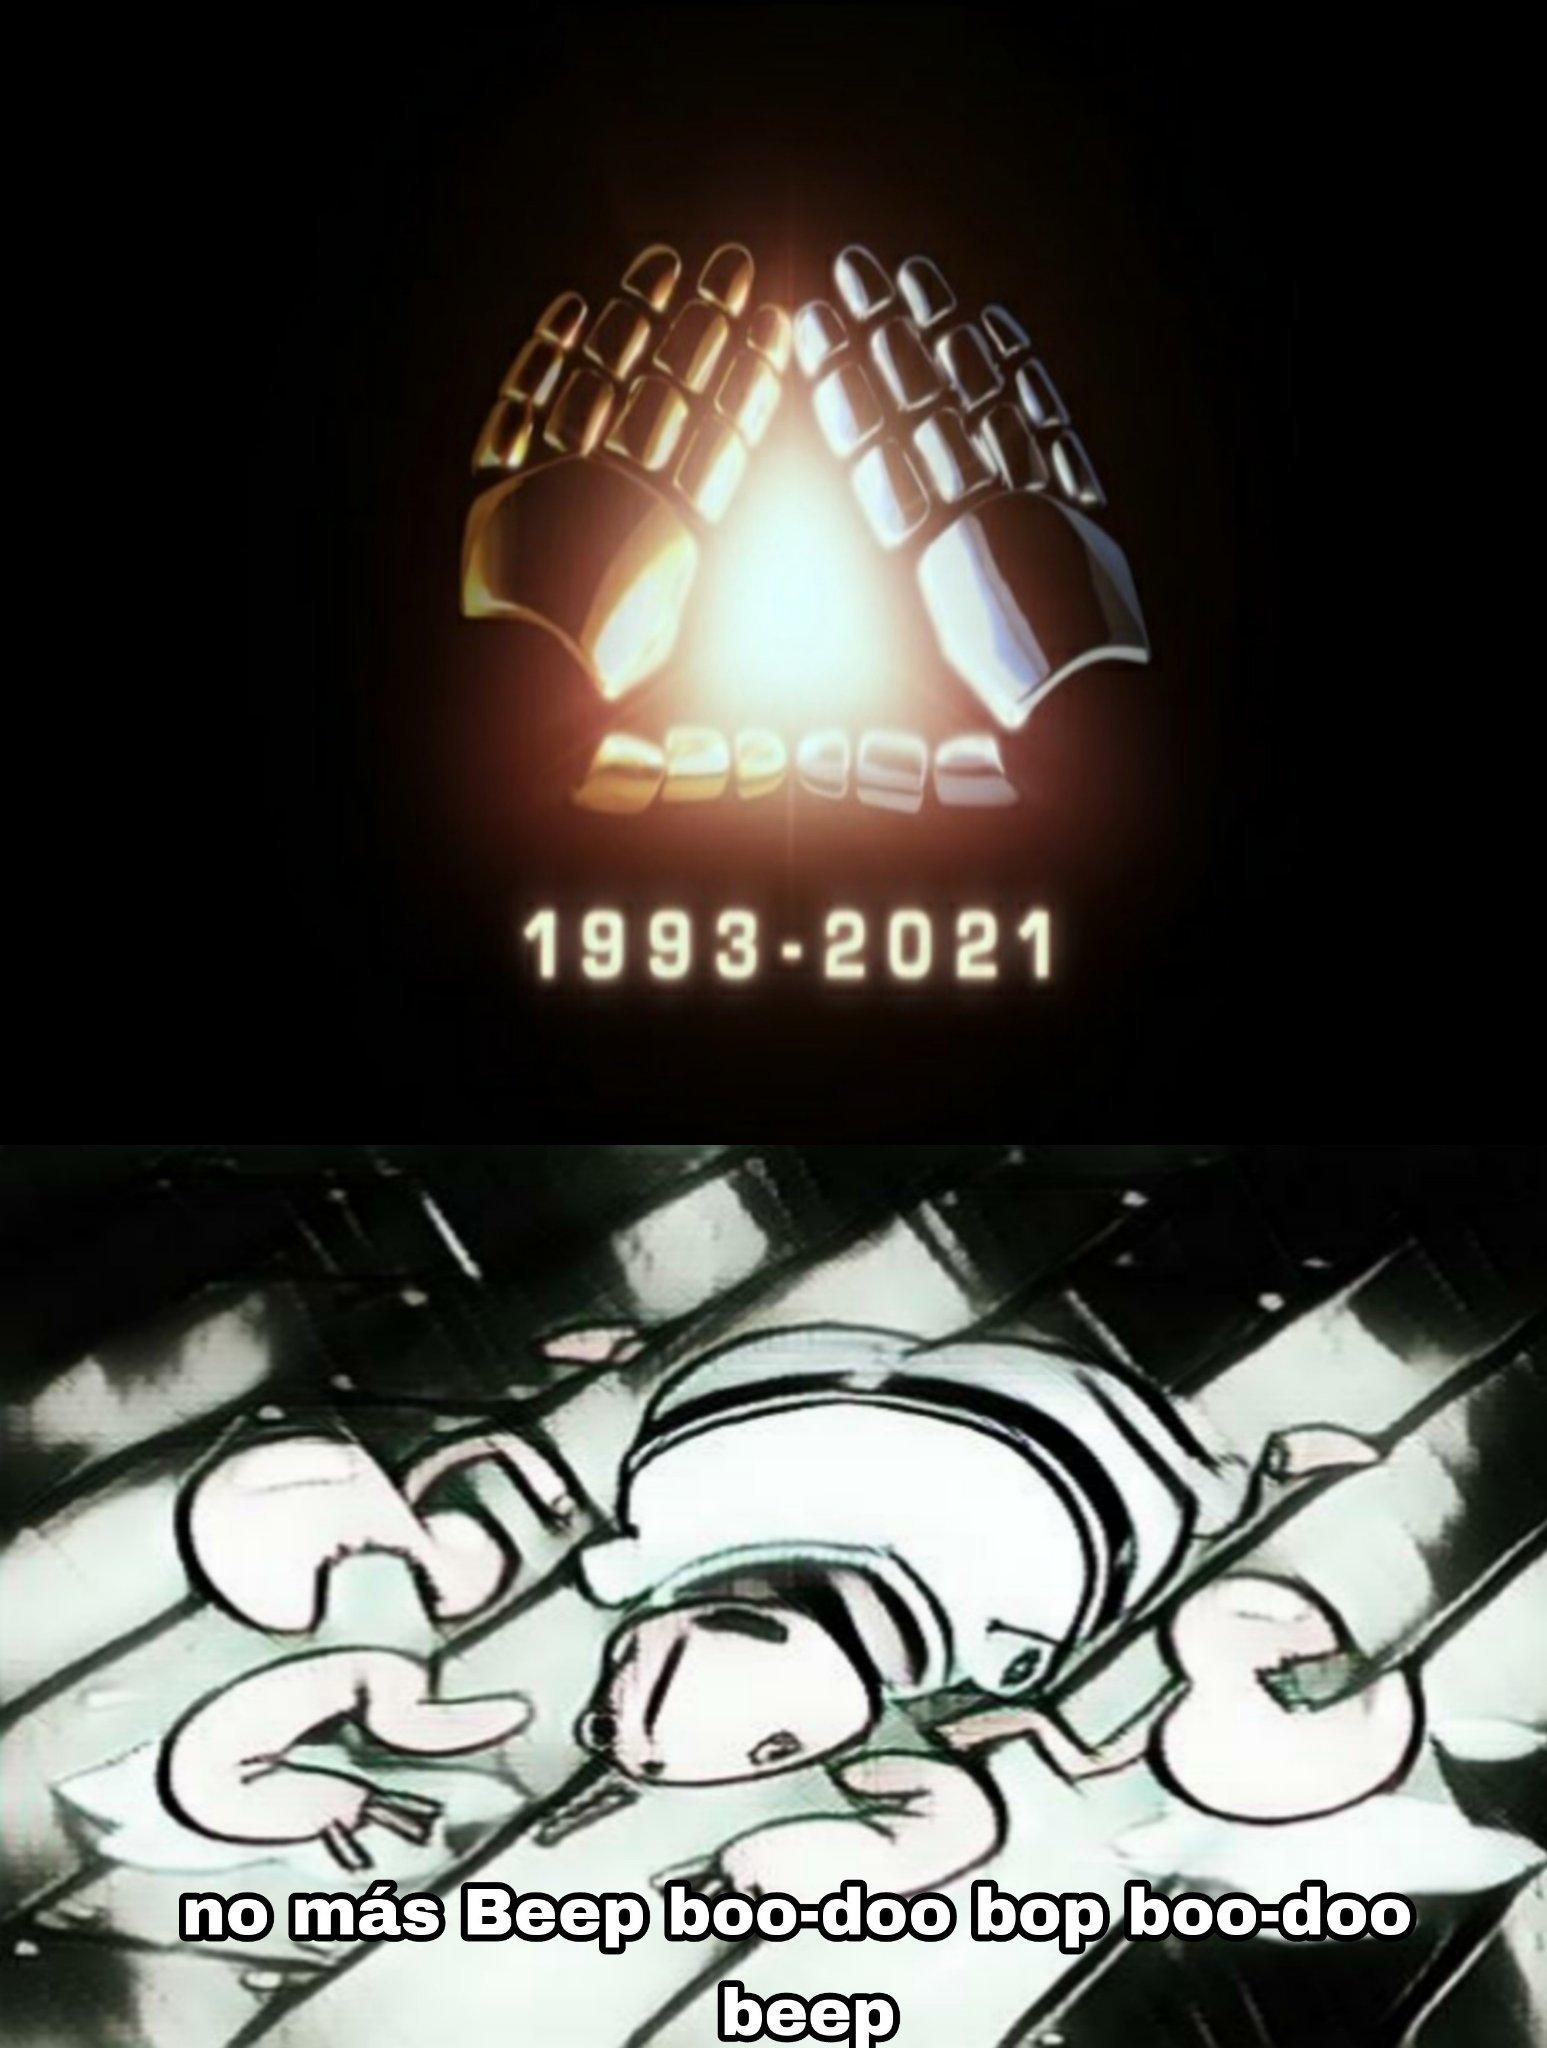 """Ami en serio que me gustaban, eran legendarias sus canciones (como """"human after all"""" o """"superheroes""""), hasta vi Interstella 5555, bueno, si este es su fin, al menos agradezco haber conocido su genial existencia desde antes de su separación - meme"""